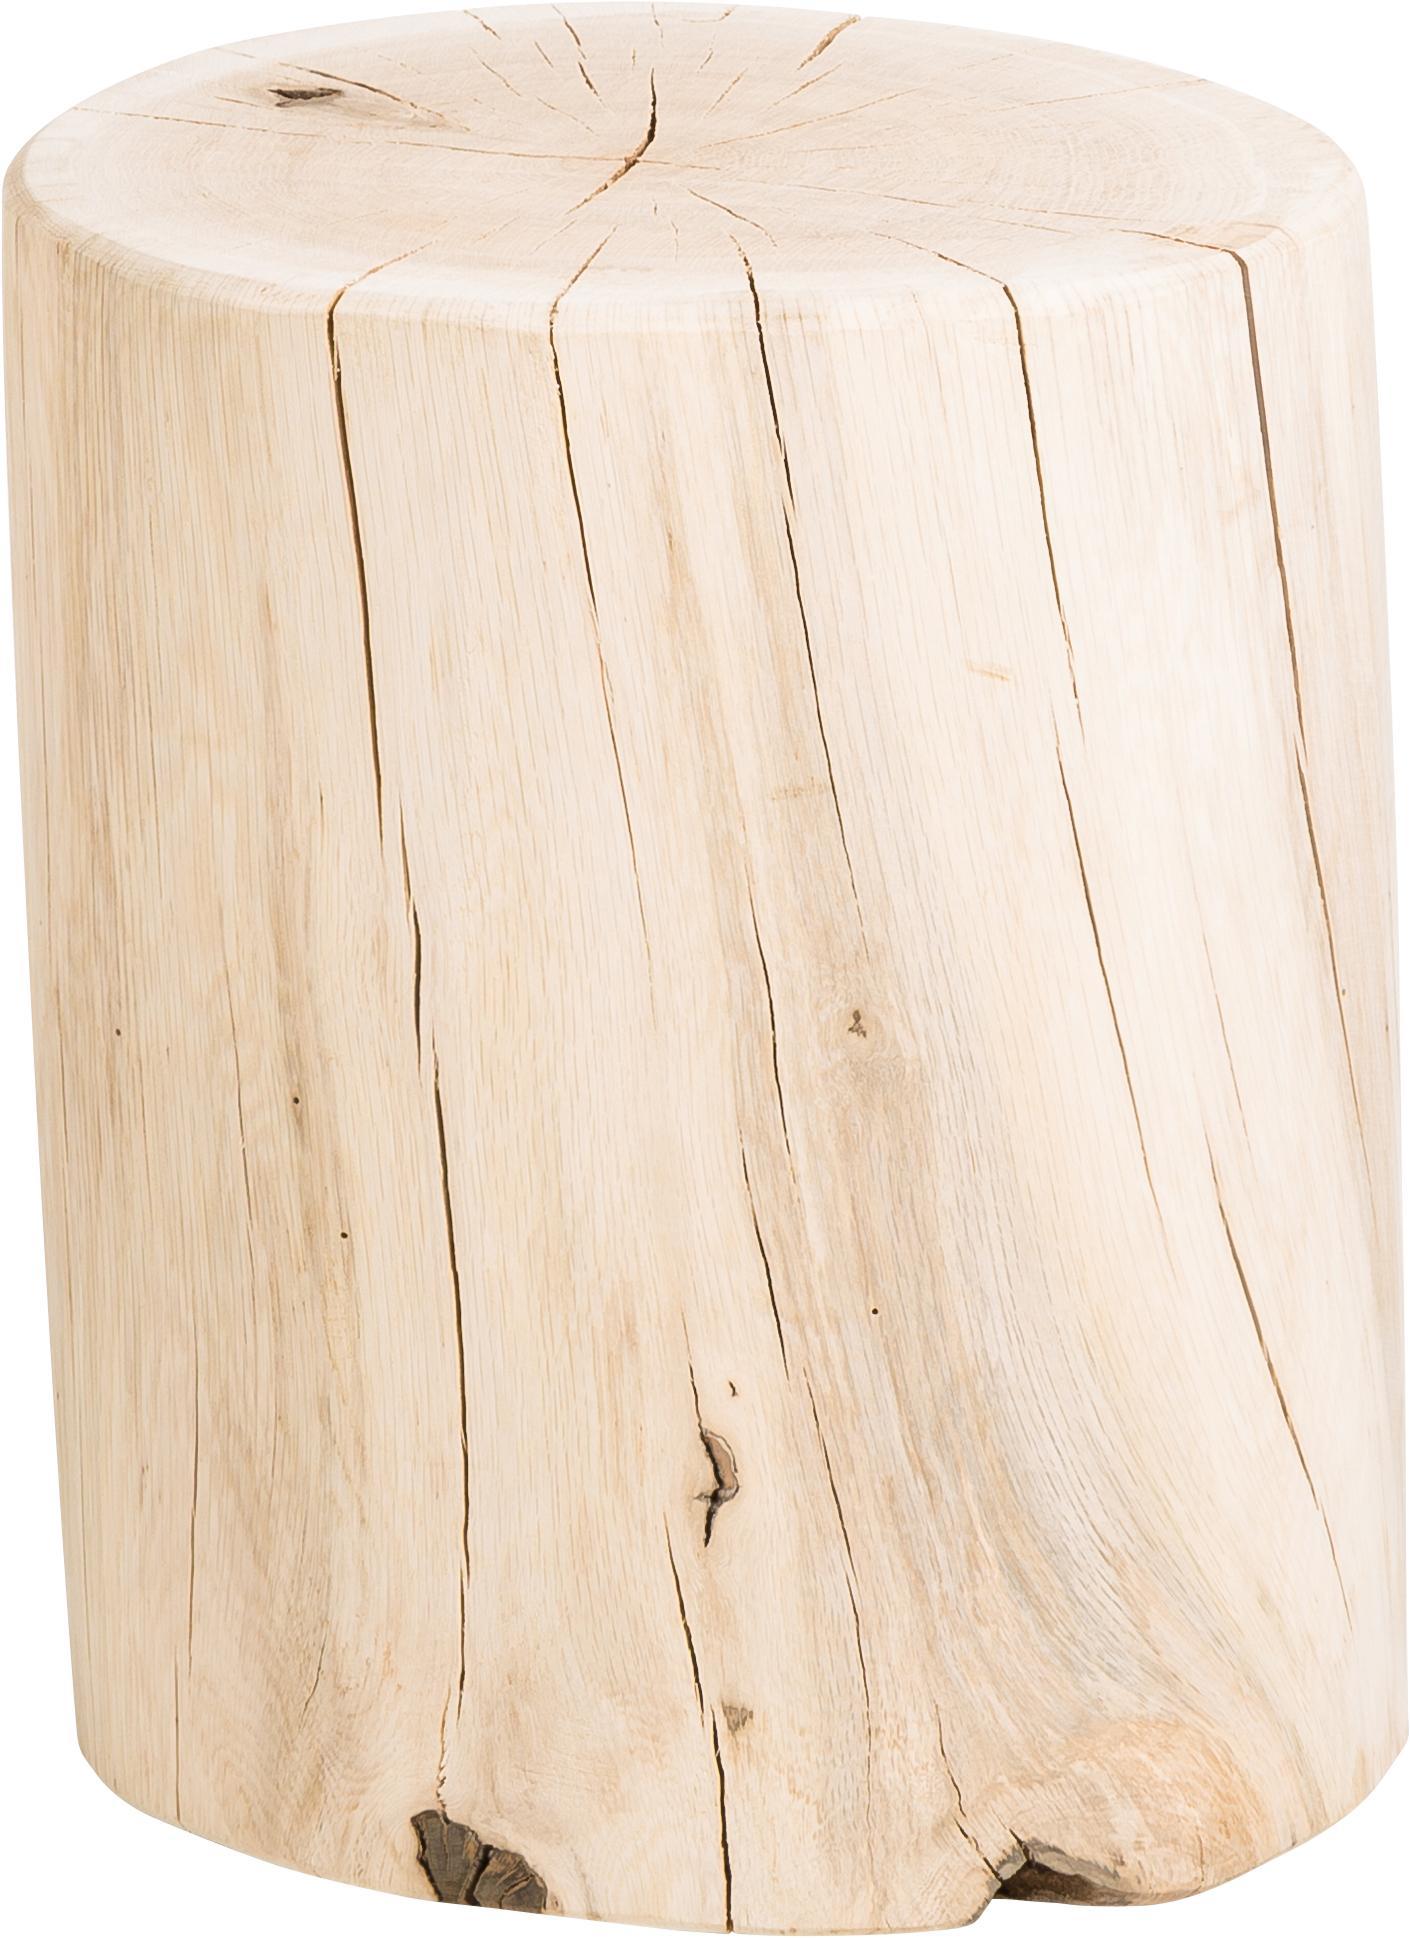 Kruk Block van massief eikenhout, Massief eikenhout, Eikenhoutkleurig, Ø 29 x H 38 cm